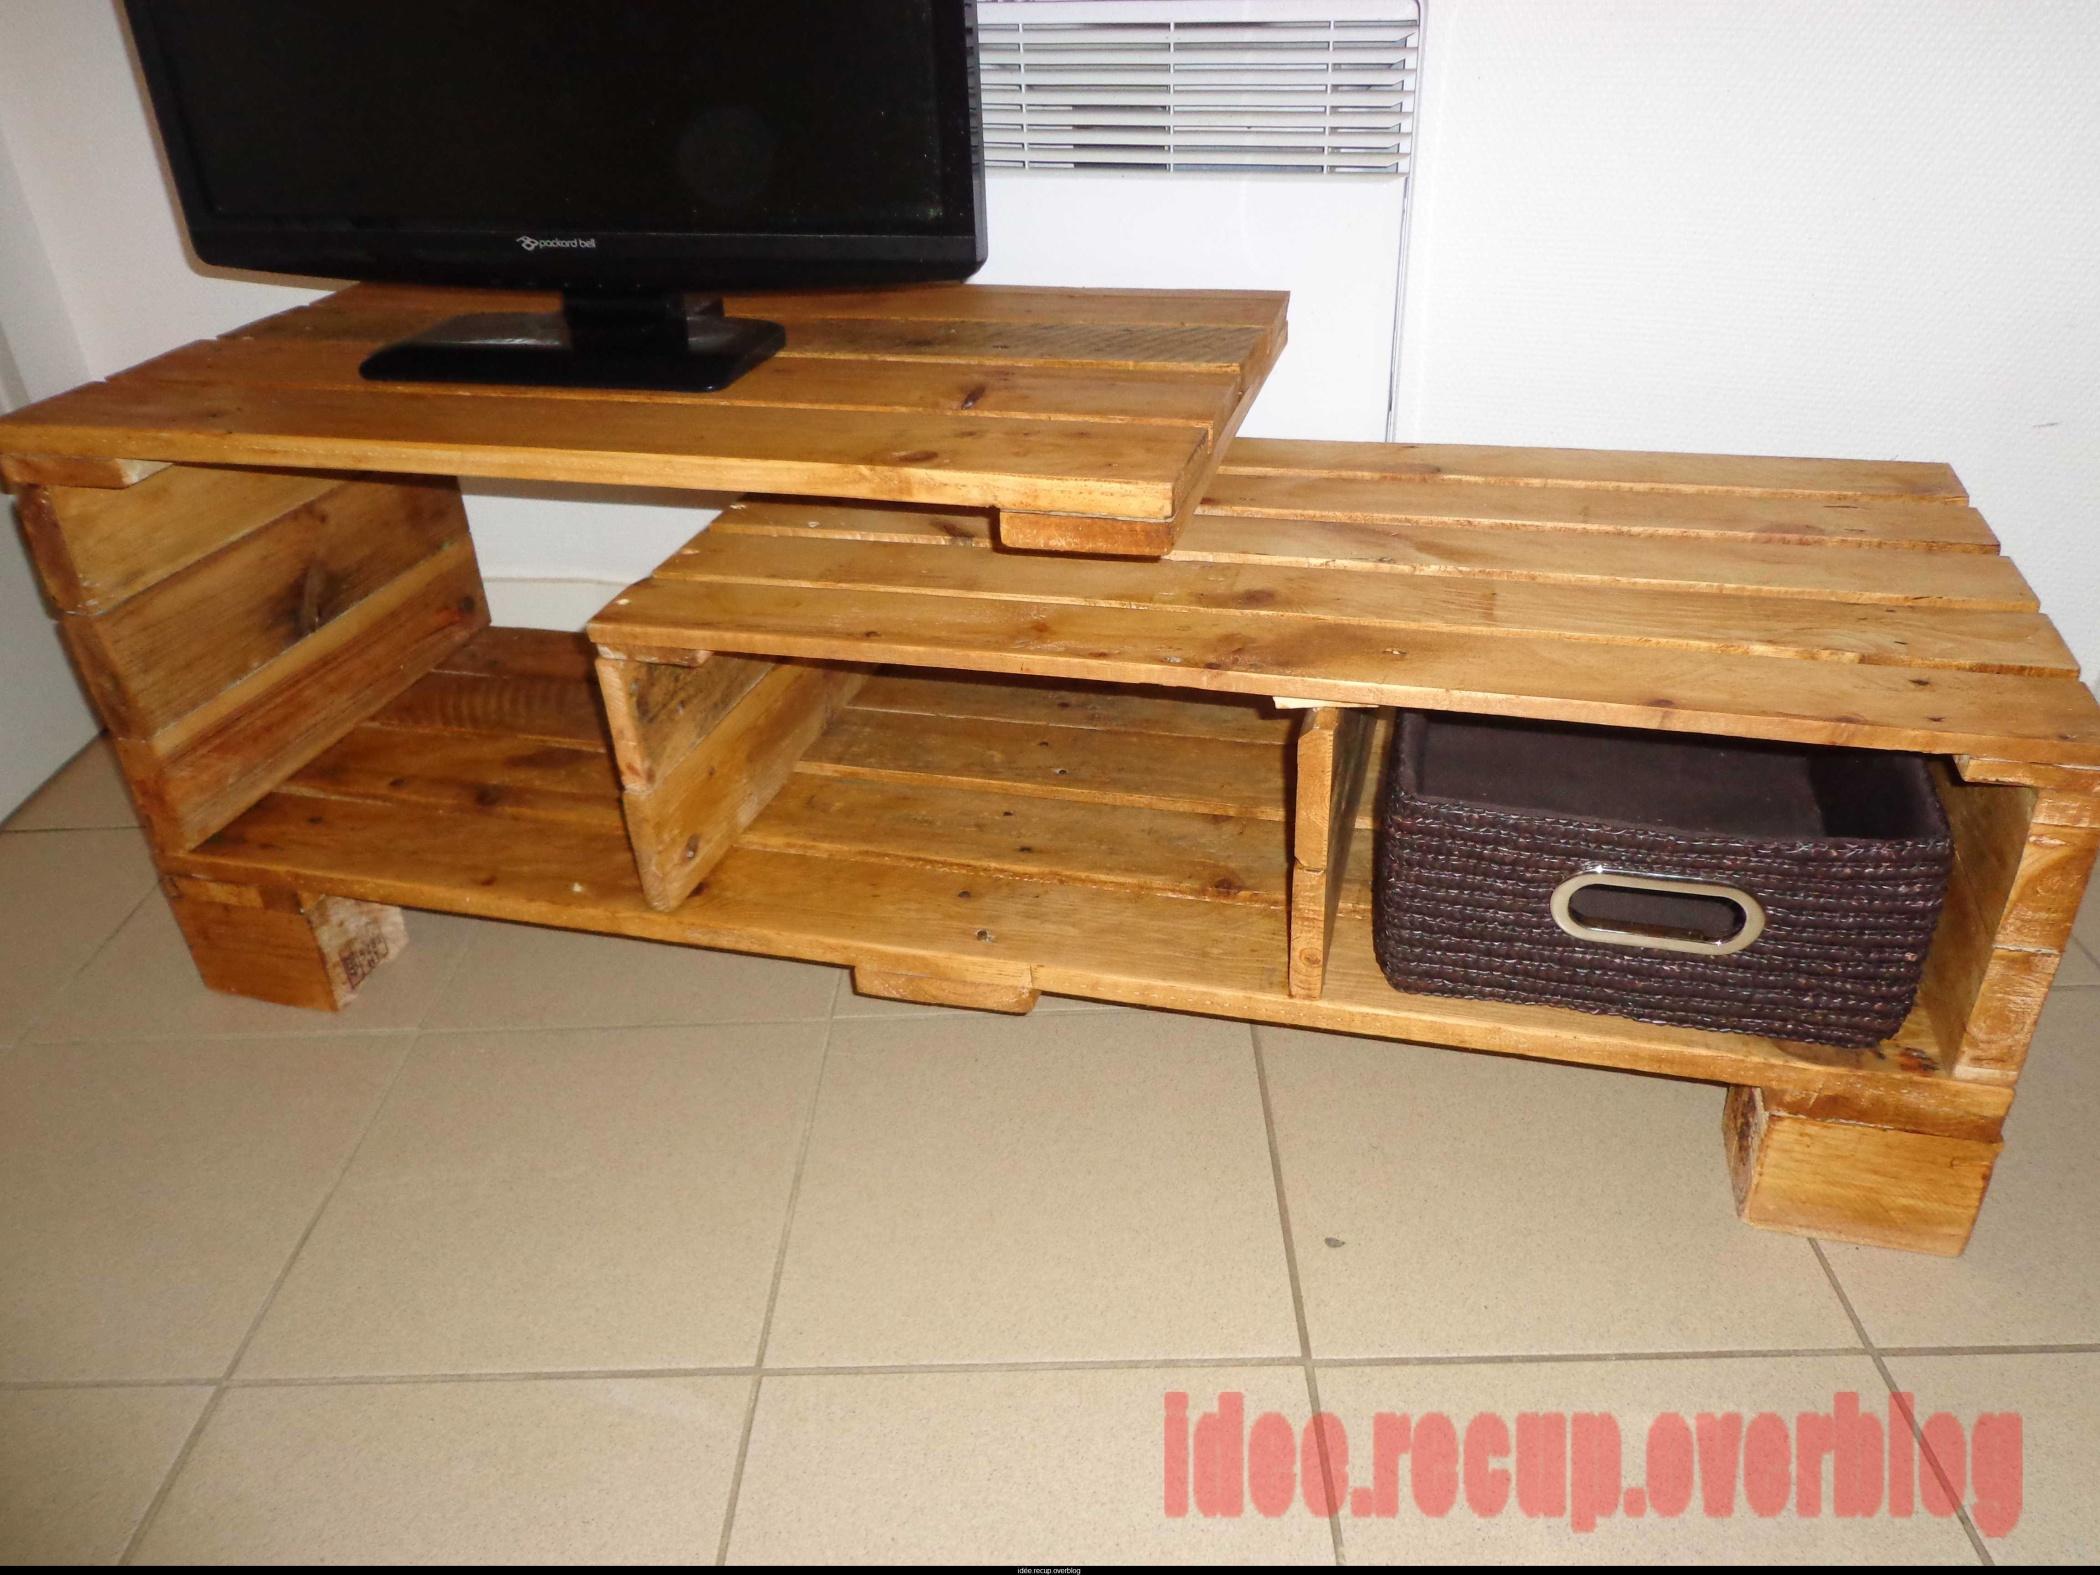 comment fabriquer meuble tv en palette - Comment Fabriquer Un Meuble En Palette